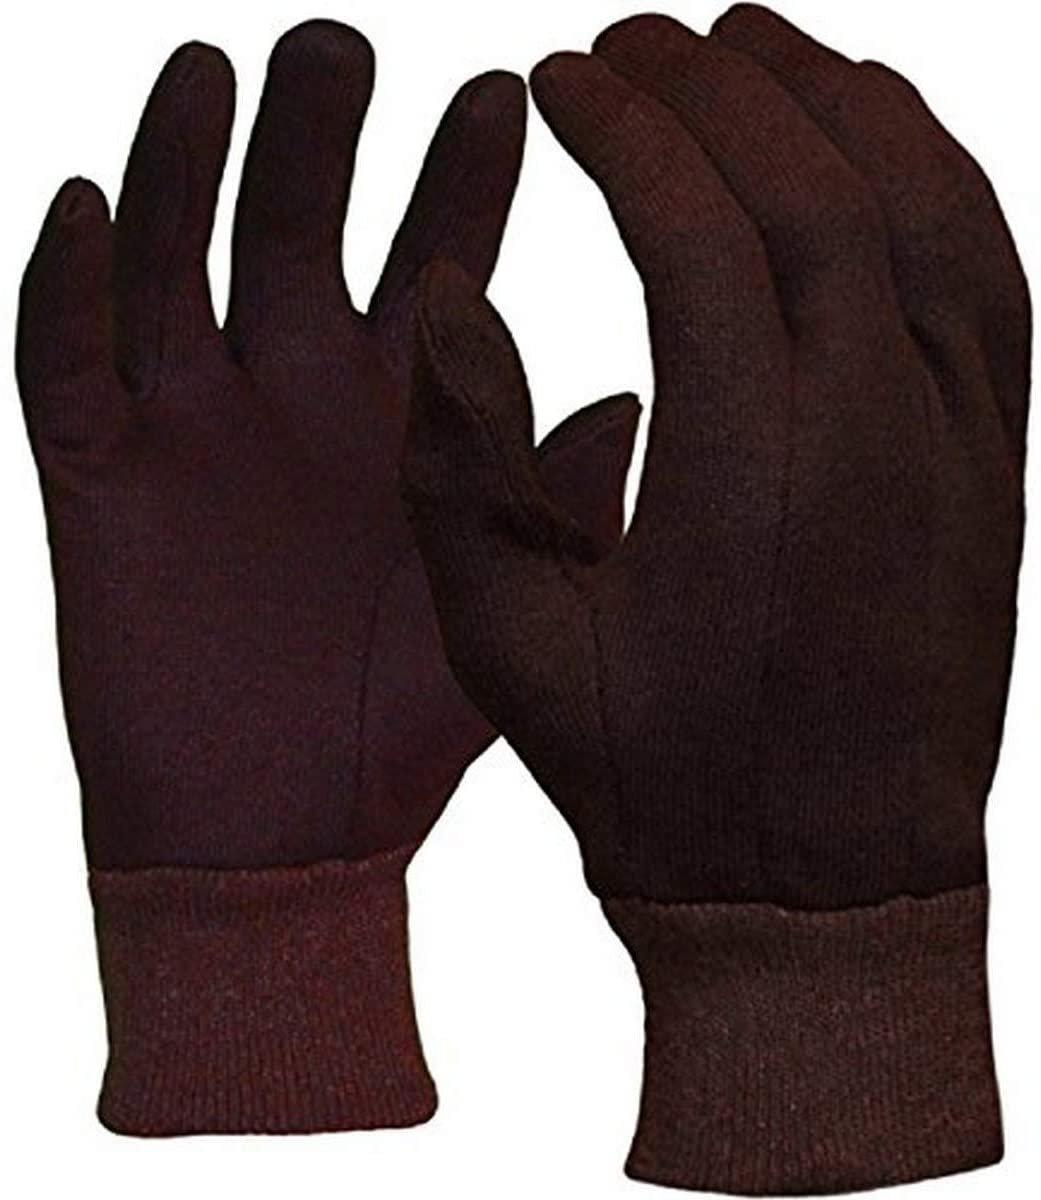 Azusa Safety C47100 Polyester/Cotton Safety Work Gloves, Brown Jersey Gloves, La